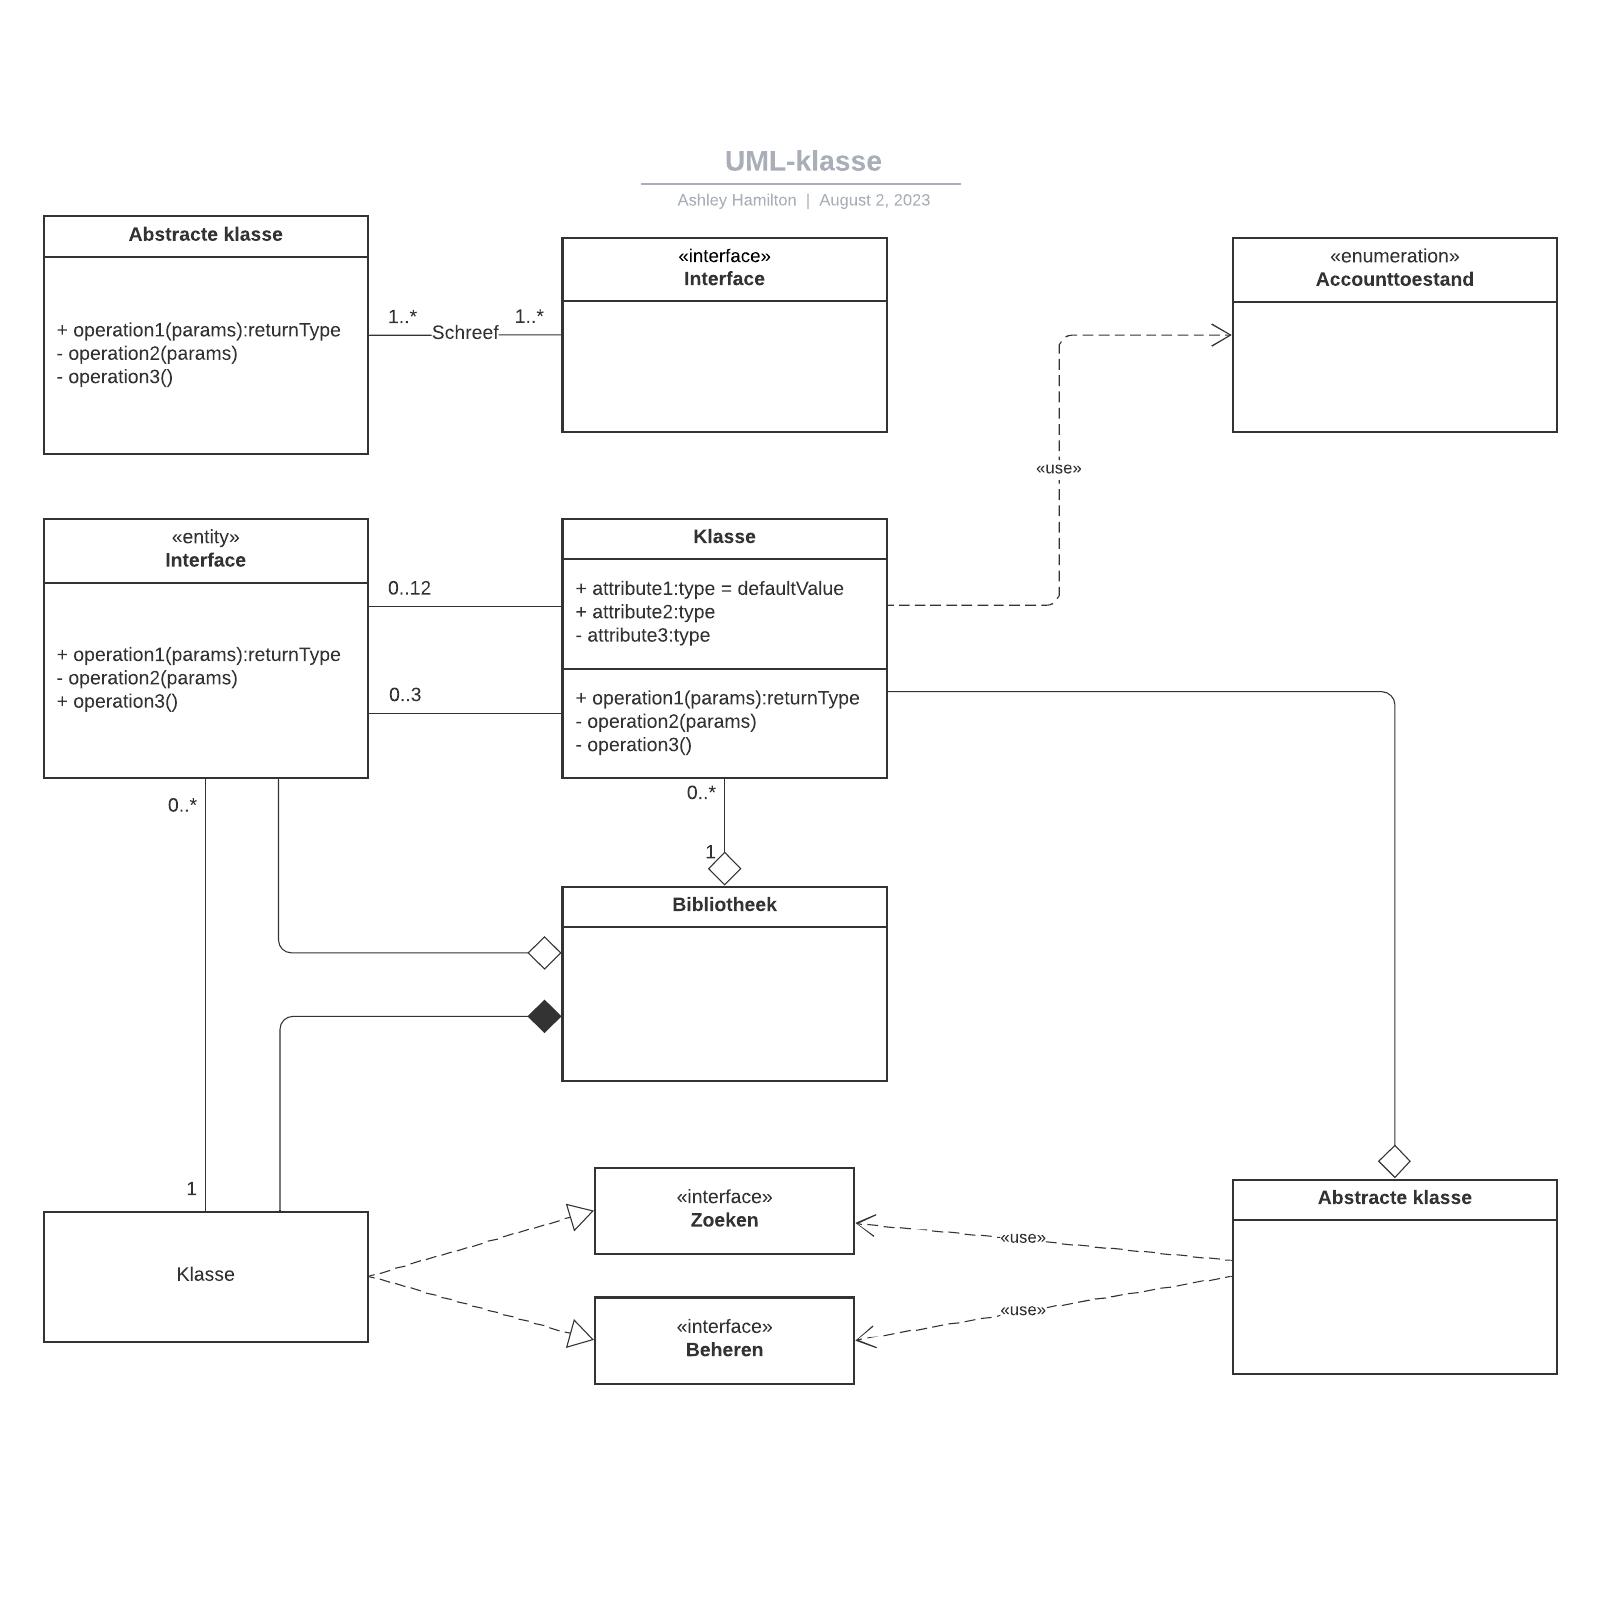 UML-klasse